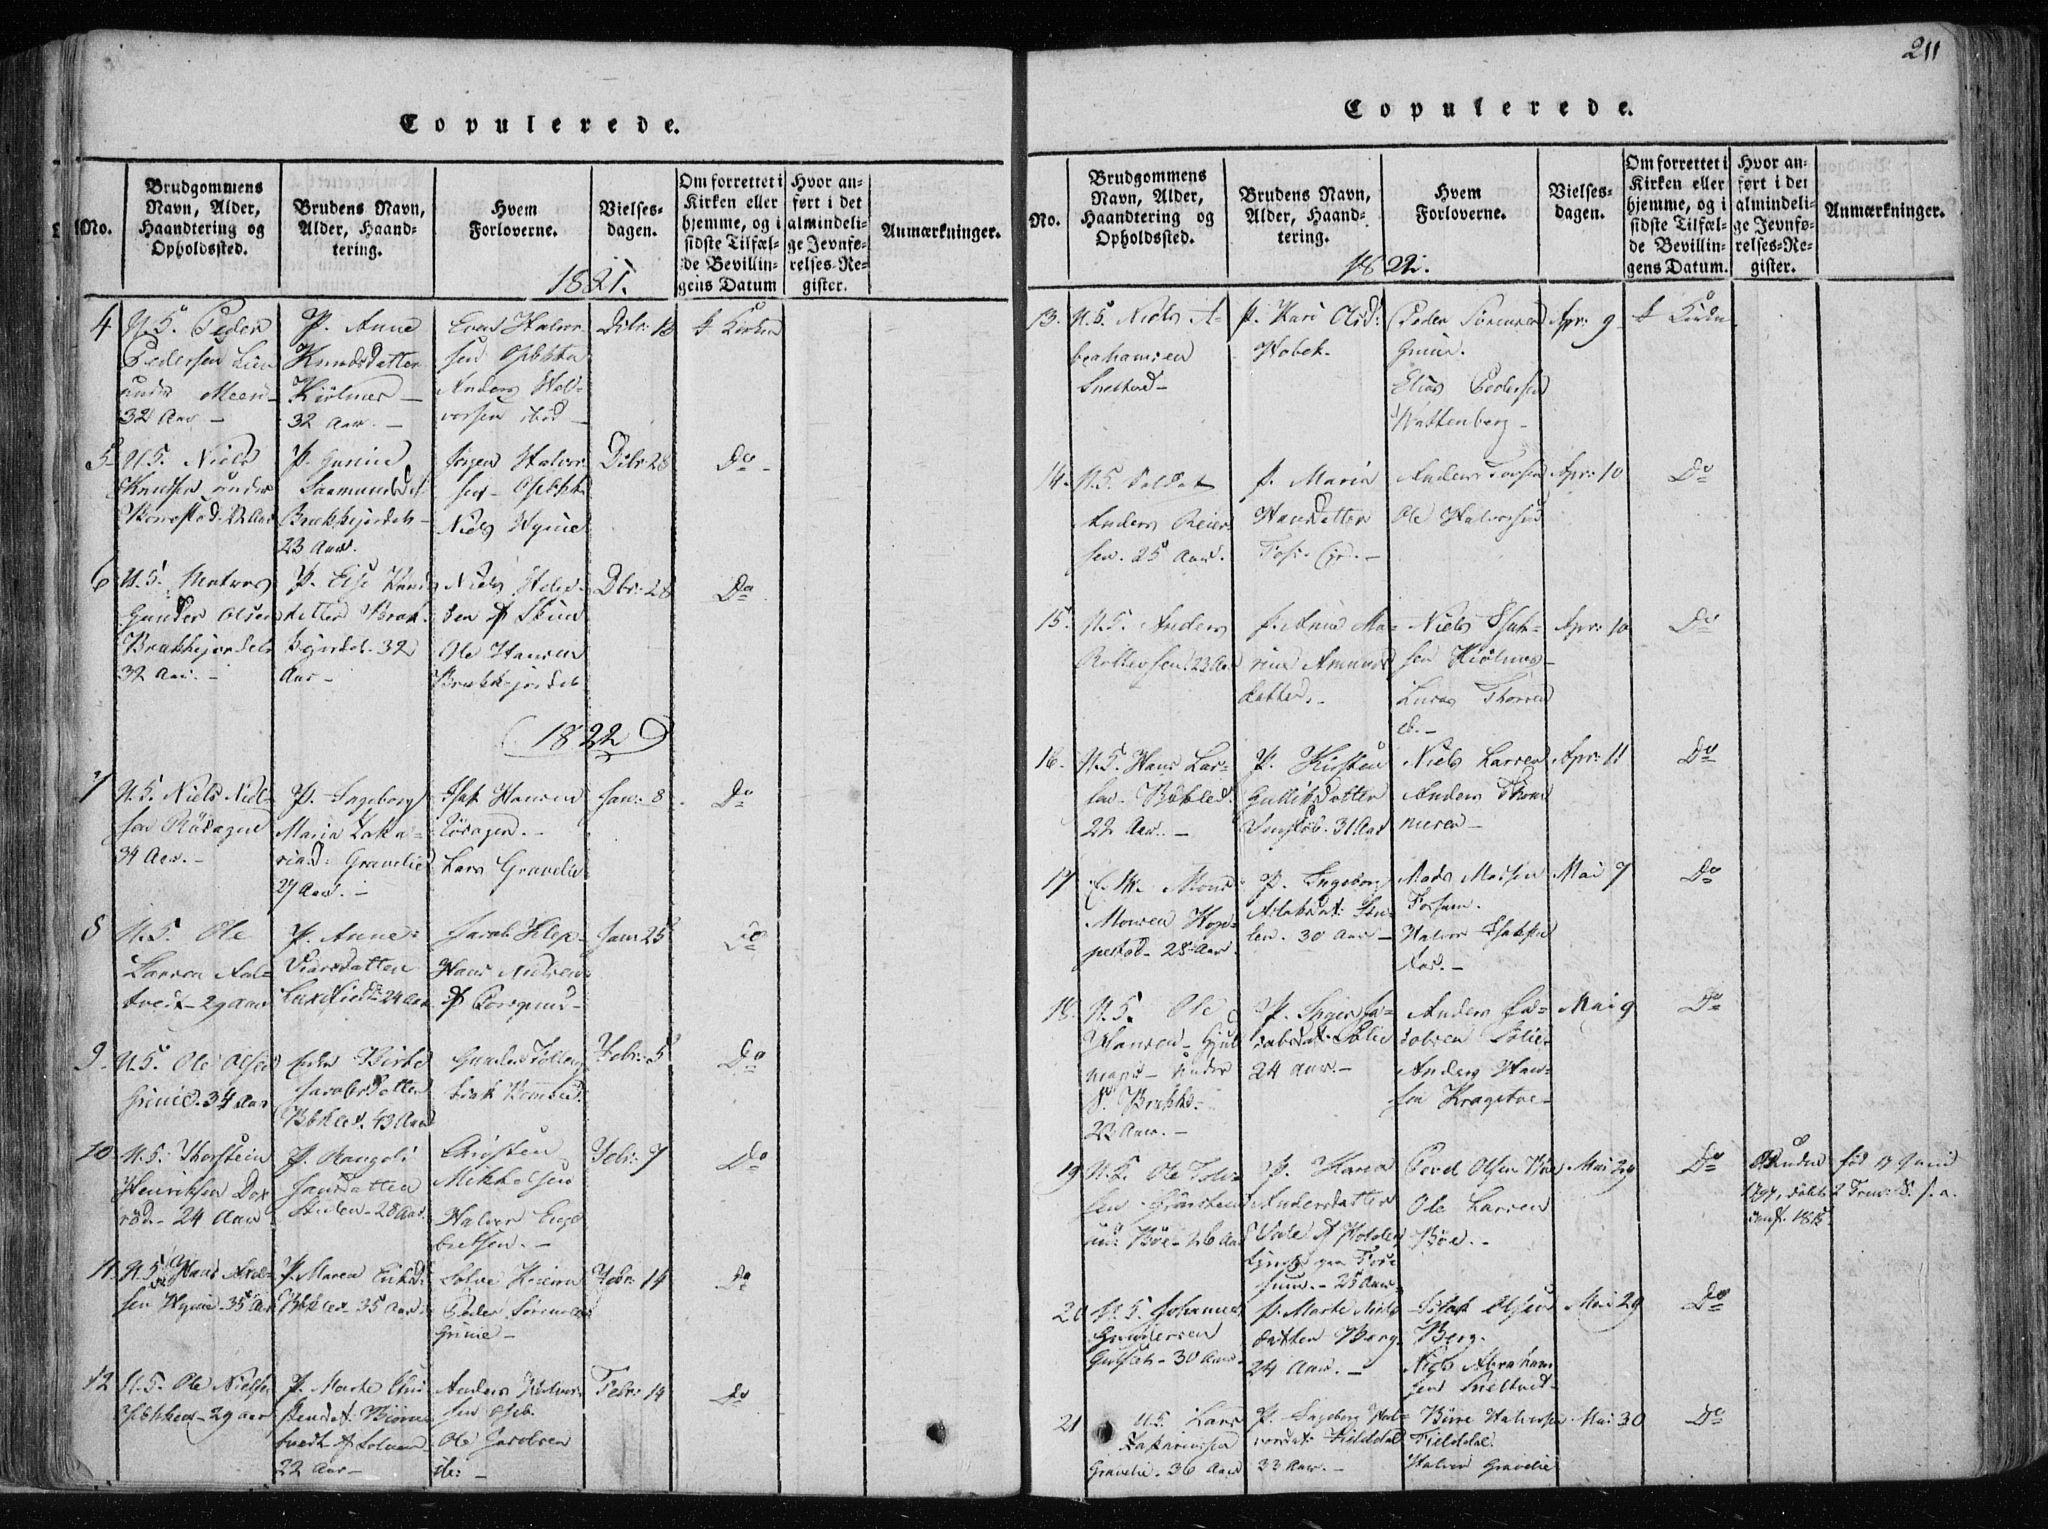 SAKO, Gjerpen kirkebøker, F/Fa/L0004: Ministerialbok nr. 4, 1814-1823, s. 211